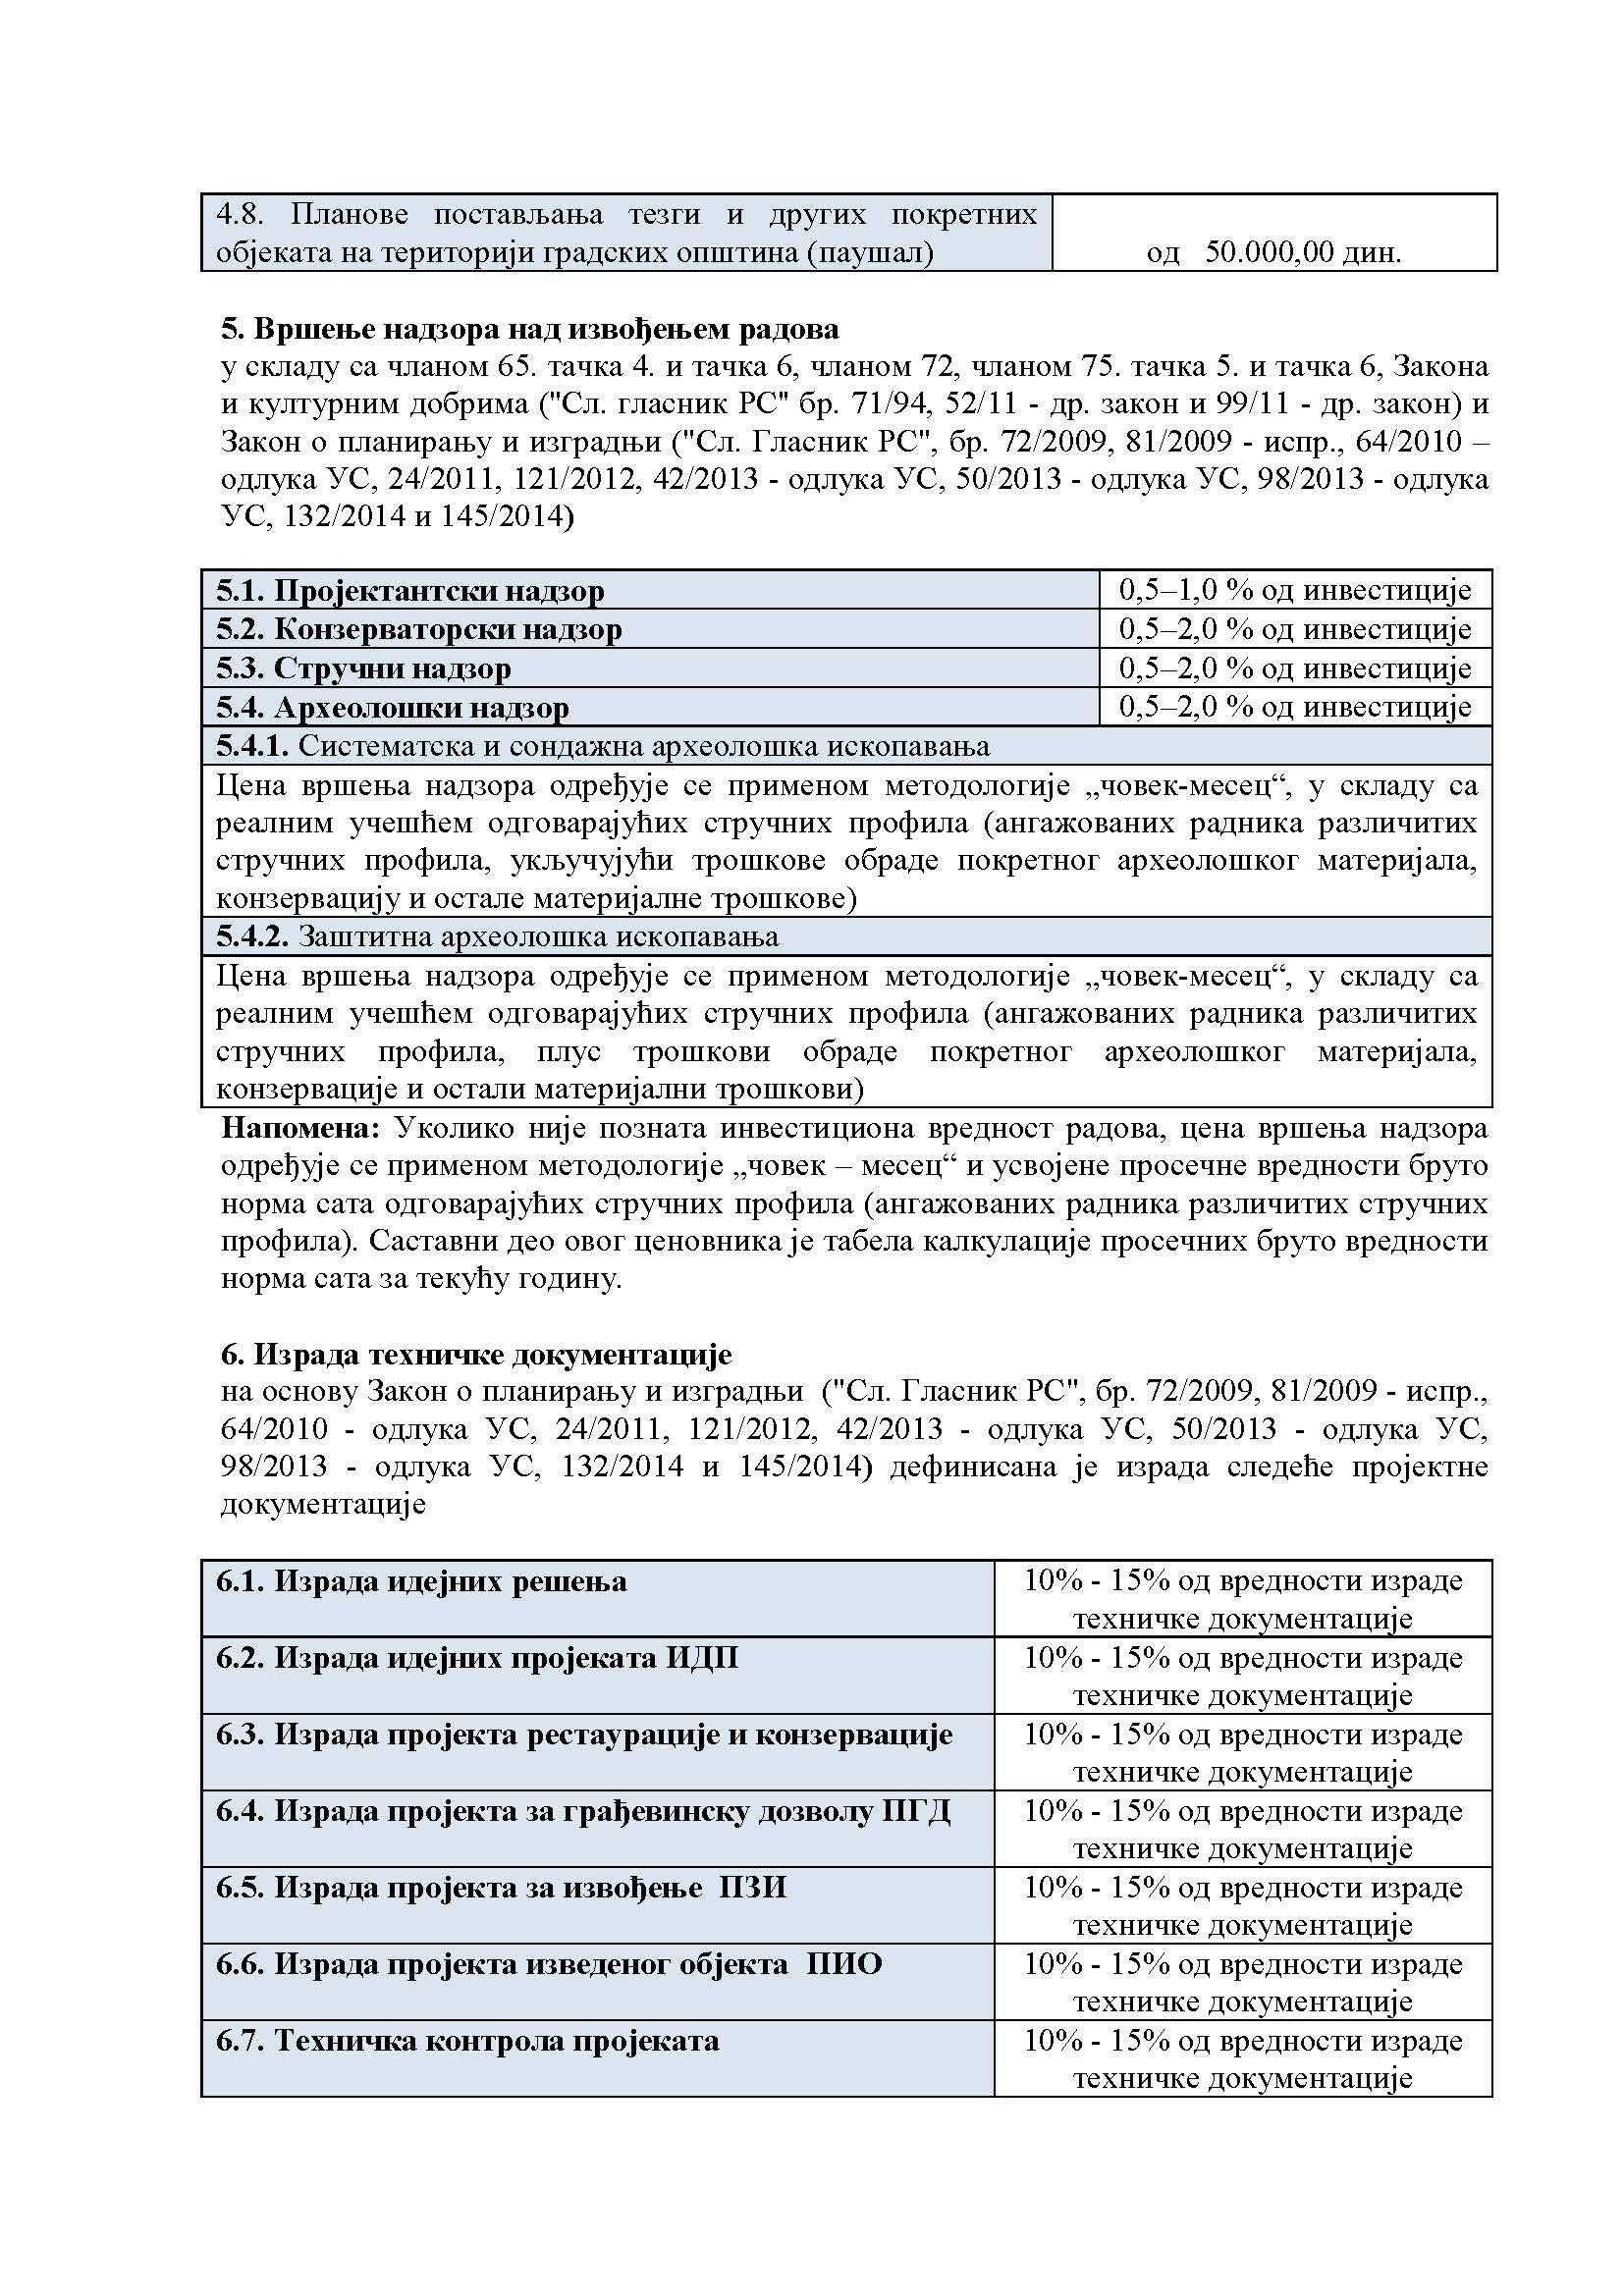 Cenovnik 23.02.2018_Page_5